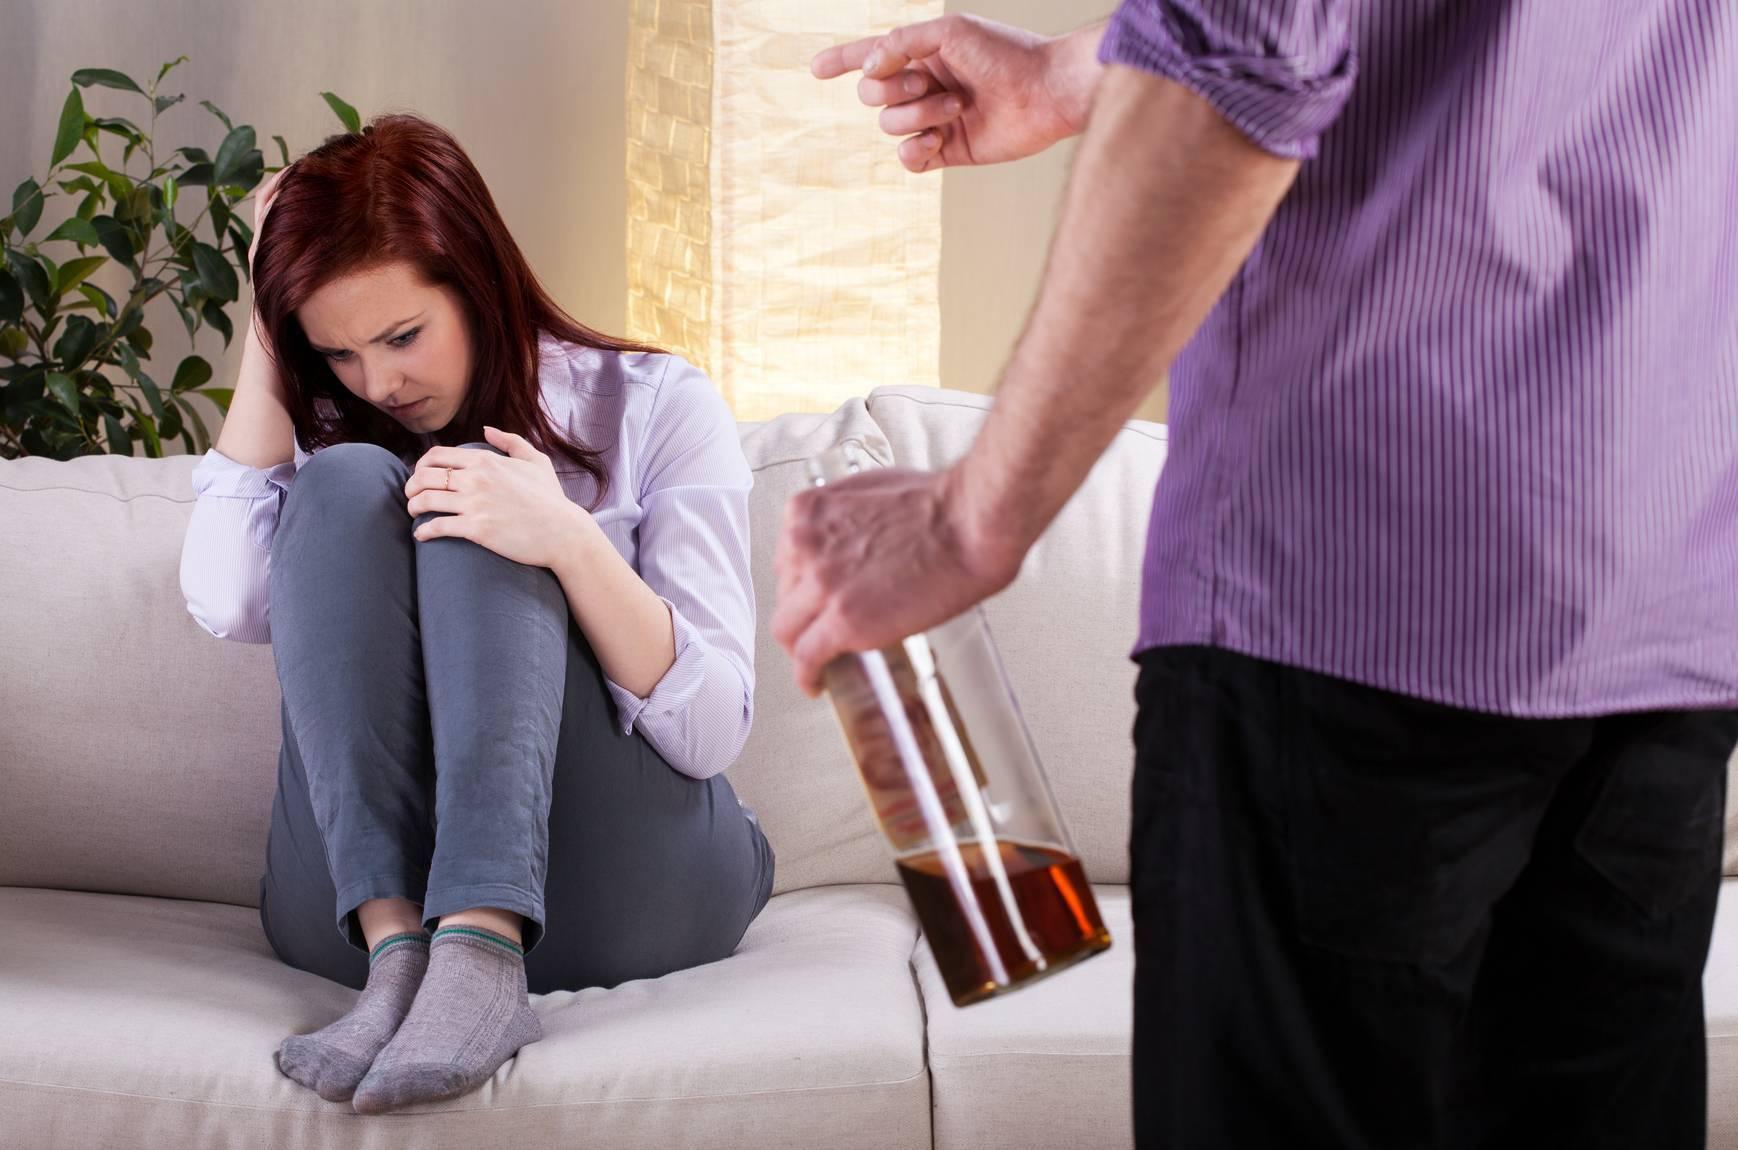 В чужом живут похмелье: как не сойти с ума в квартире с алкоголиком | статьи | известия